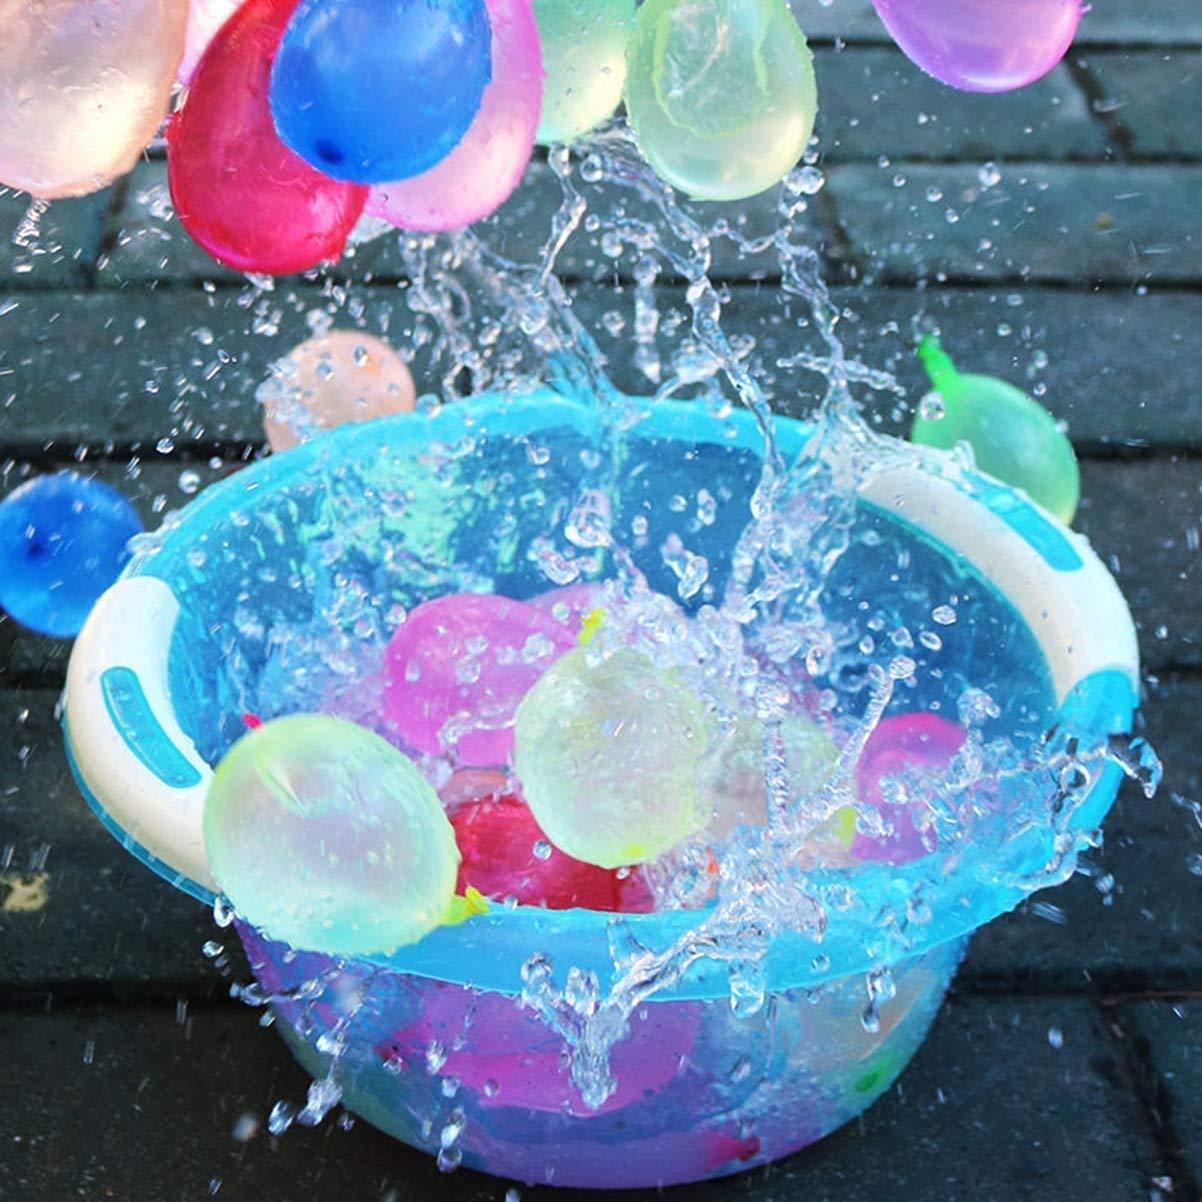 Wasserballons 222 Ballons ZHSHYPG Wasserbomben k/önnen Wasserballons die sich ohne Knoten selbst abdichten problemlos in einer Minute f/üllen